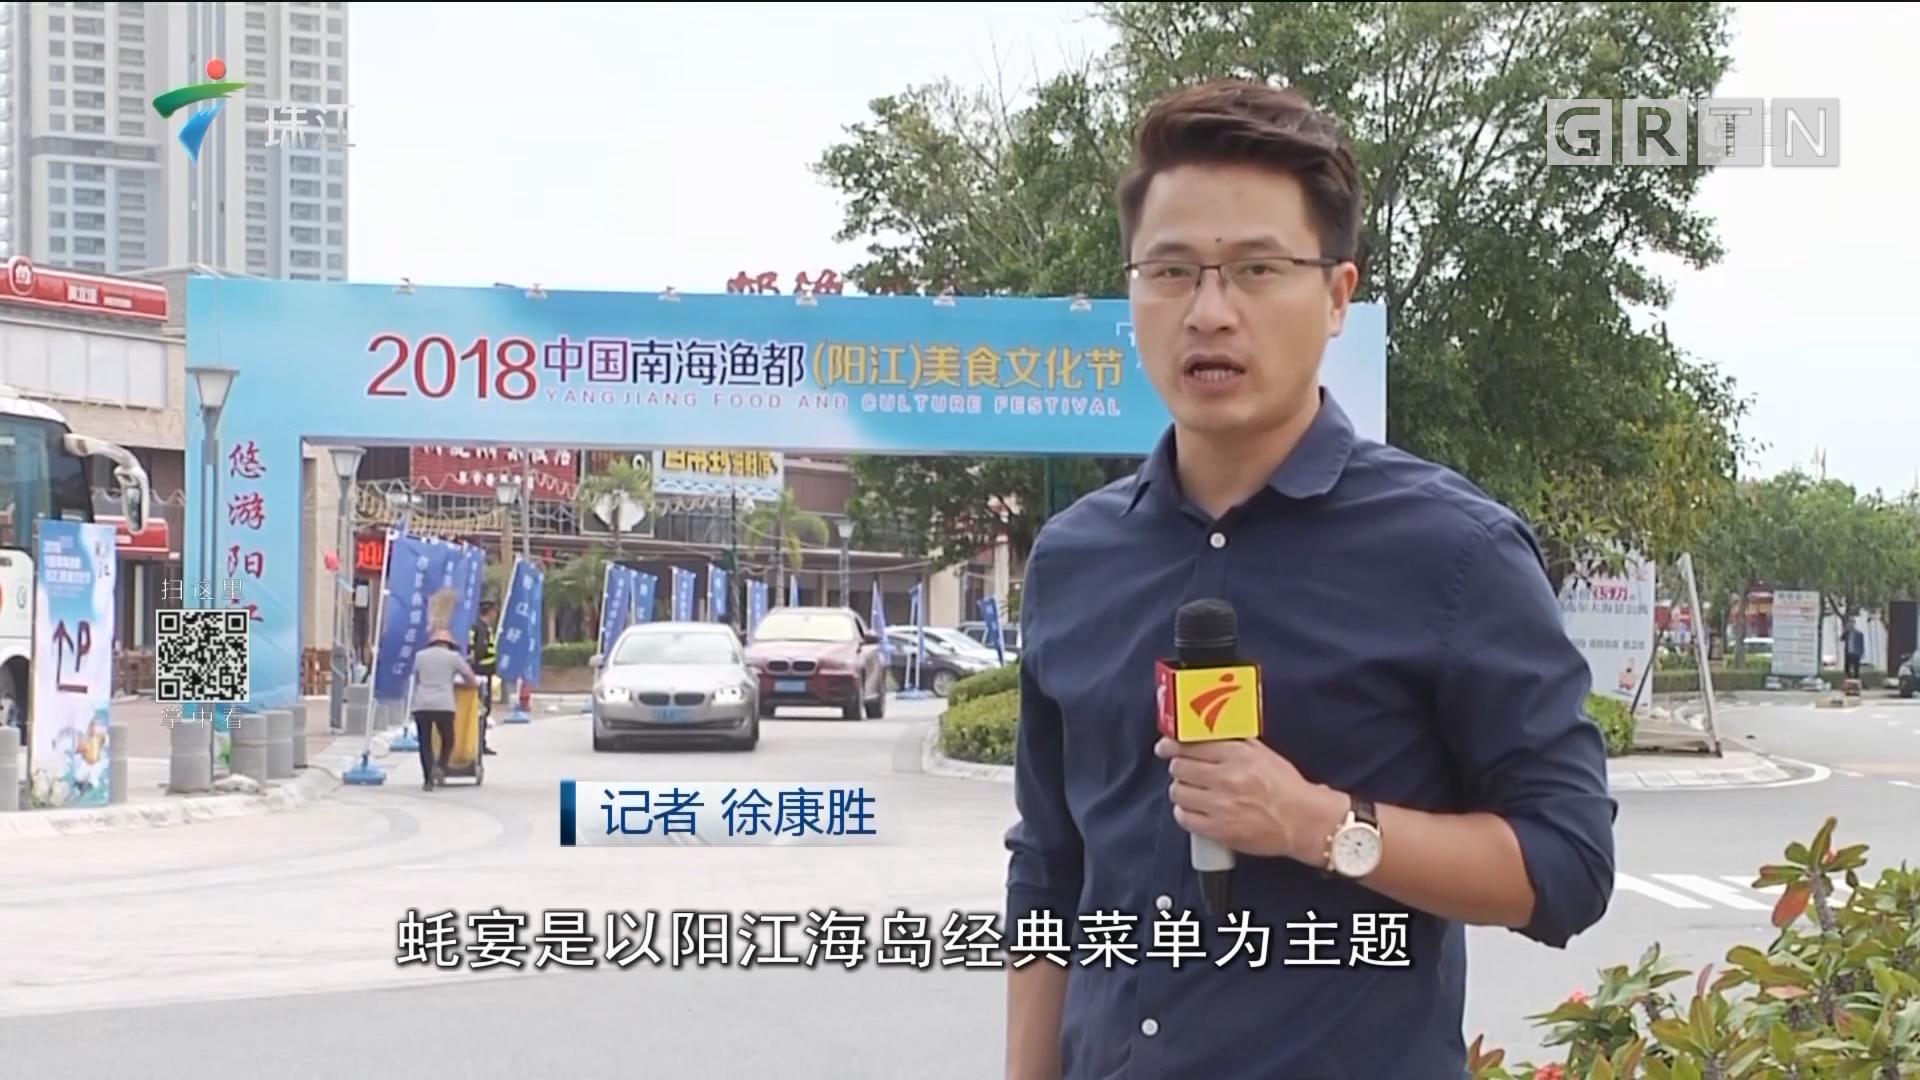 阳江美食文化节说说发展短语特色旅游助推的美食心情嗮乡村开幕图片